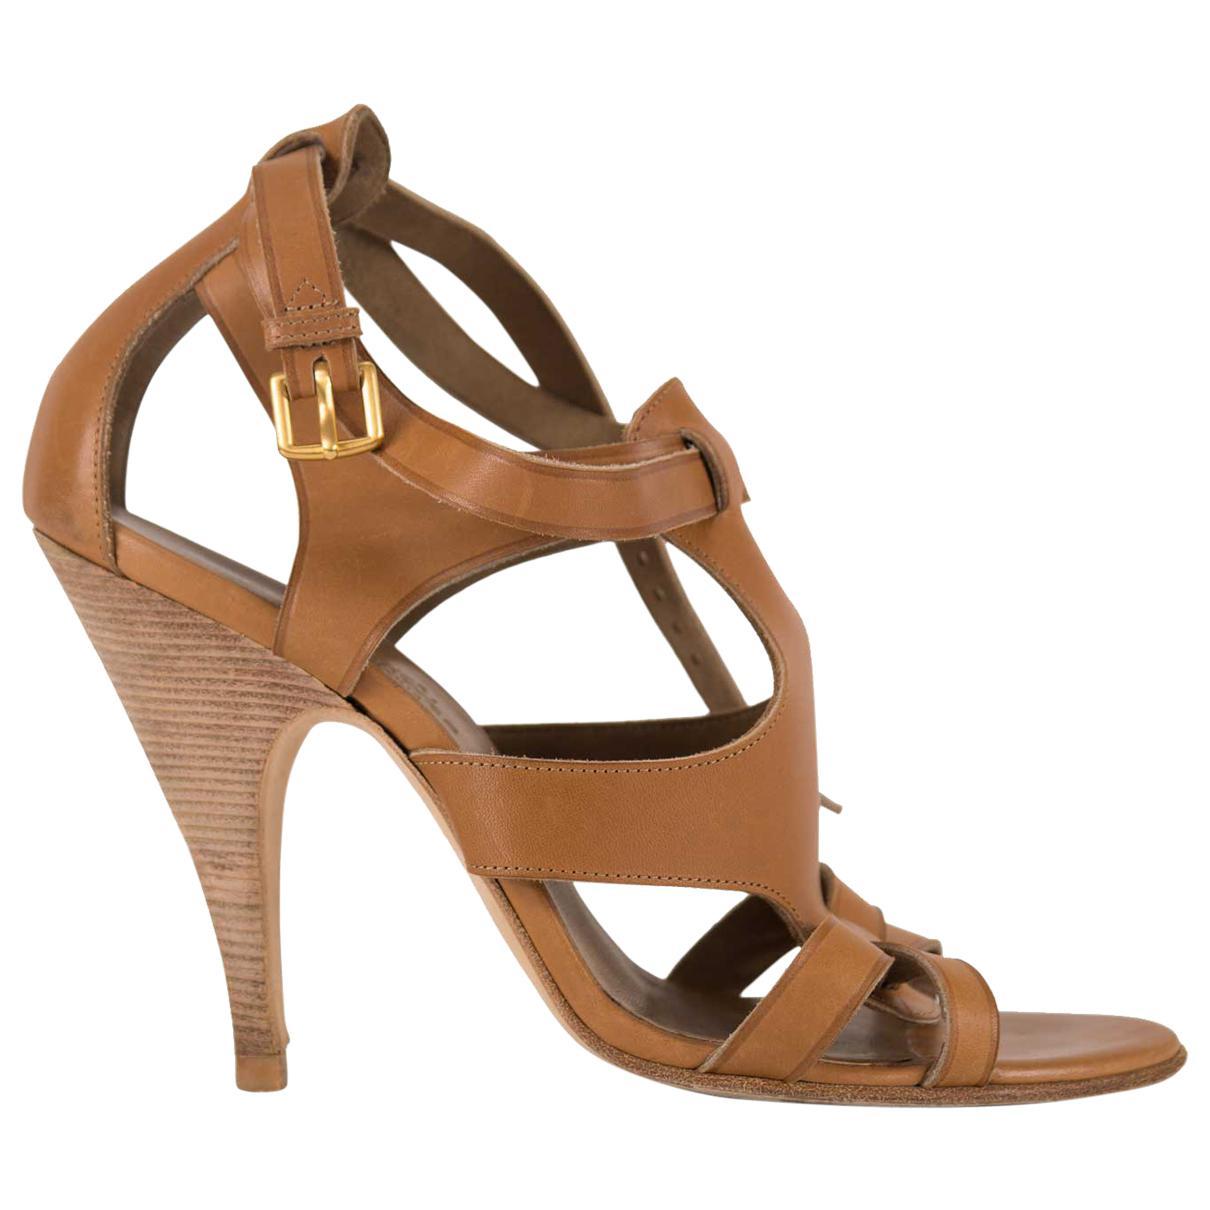 Hermès Leather Escarpins